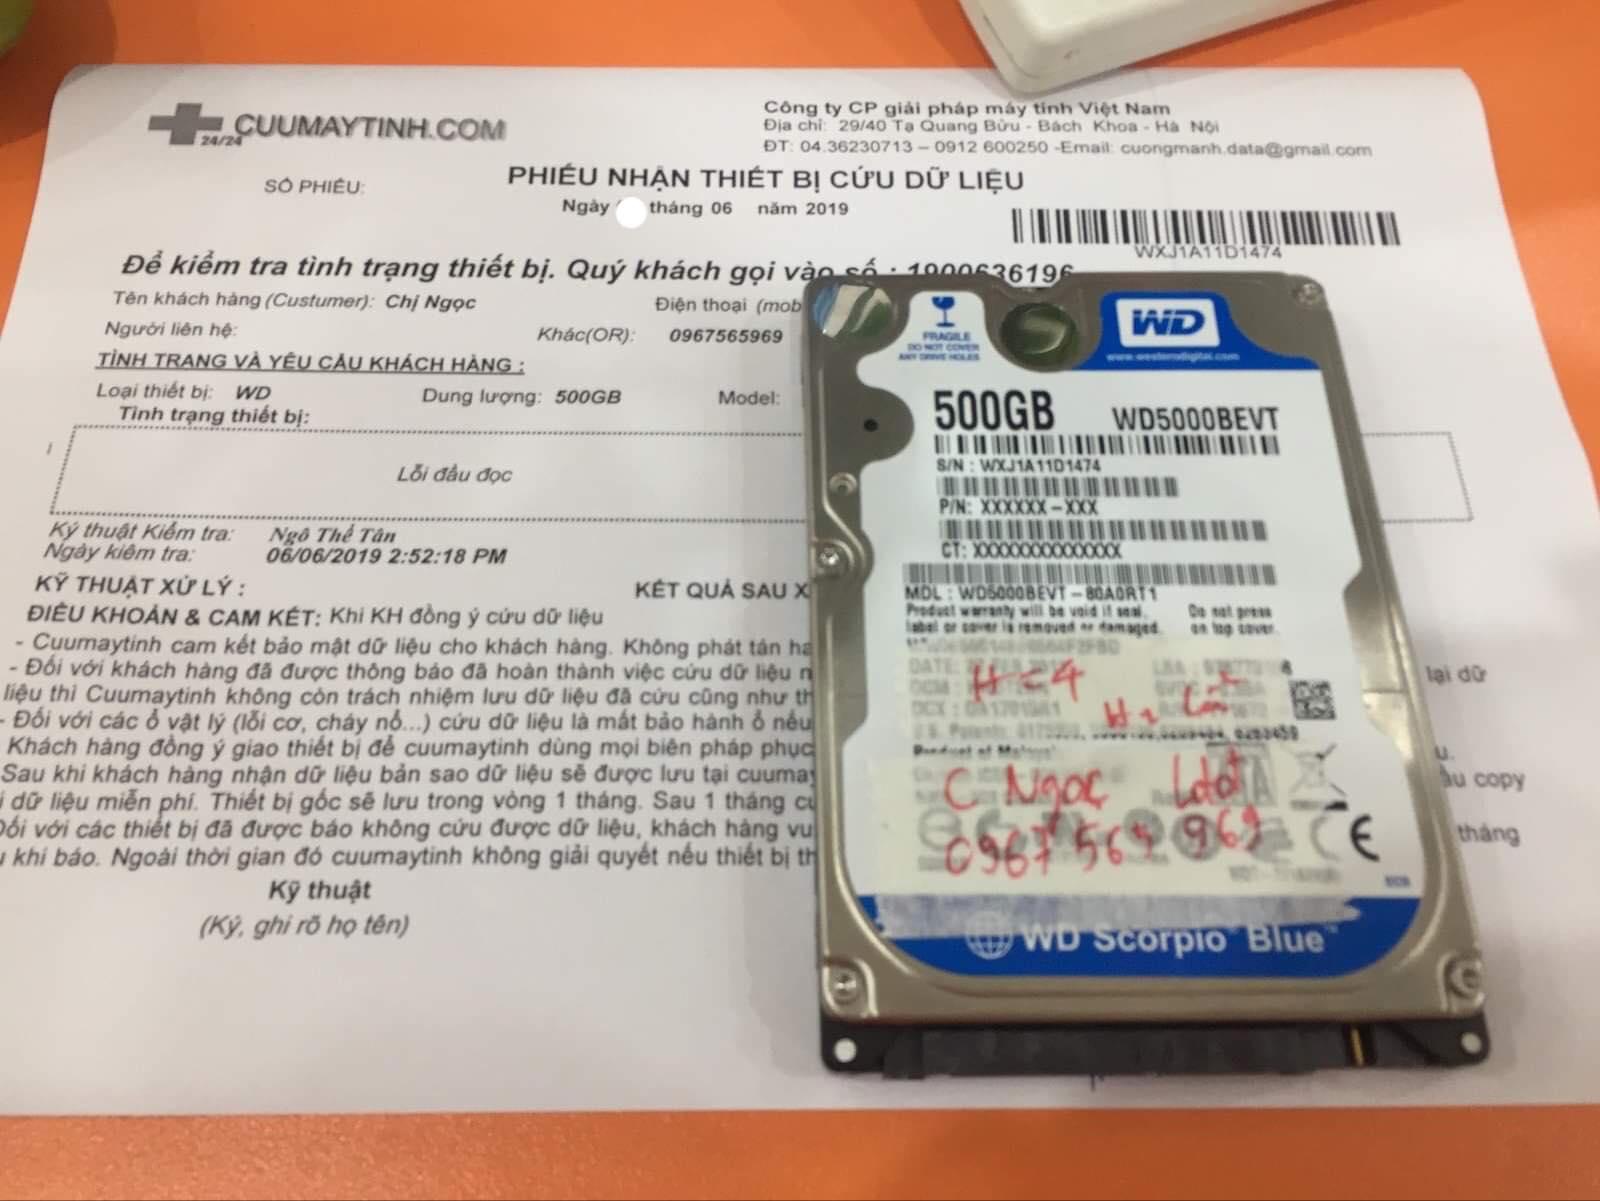 Cứu dữ liệu ổ cứng Western 500GB lỗi đầu đọc 12/06/2019 - cuumaytinh